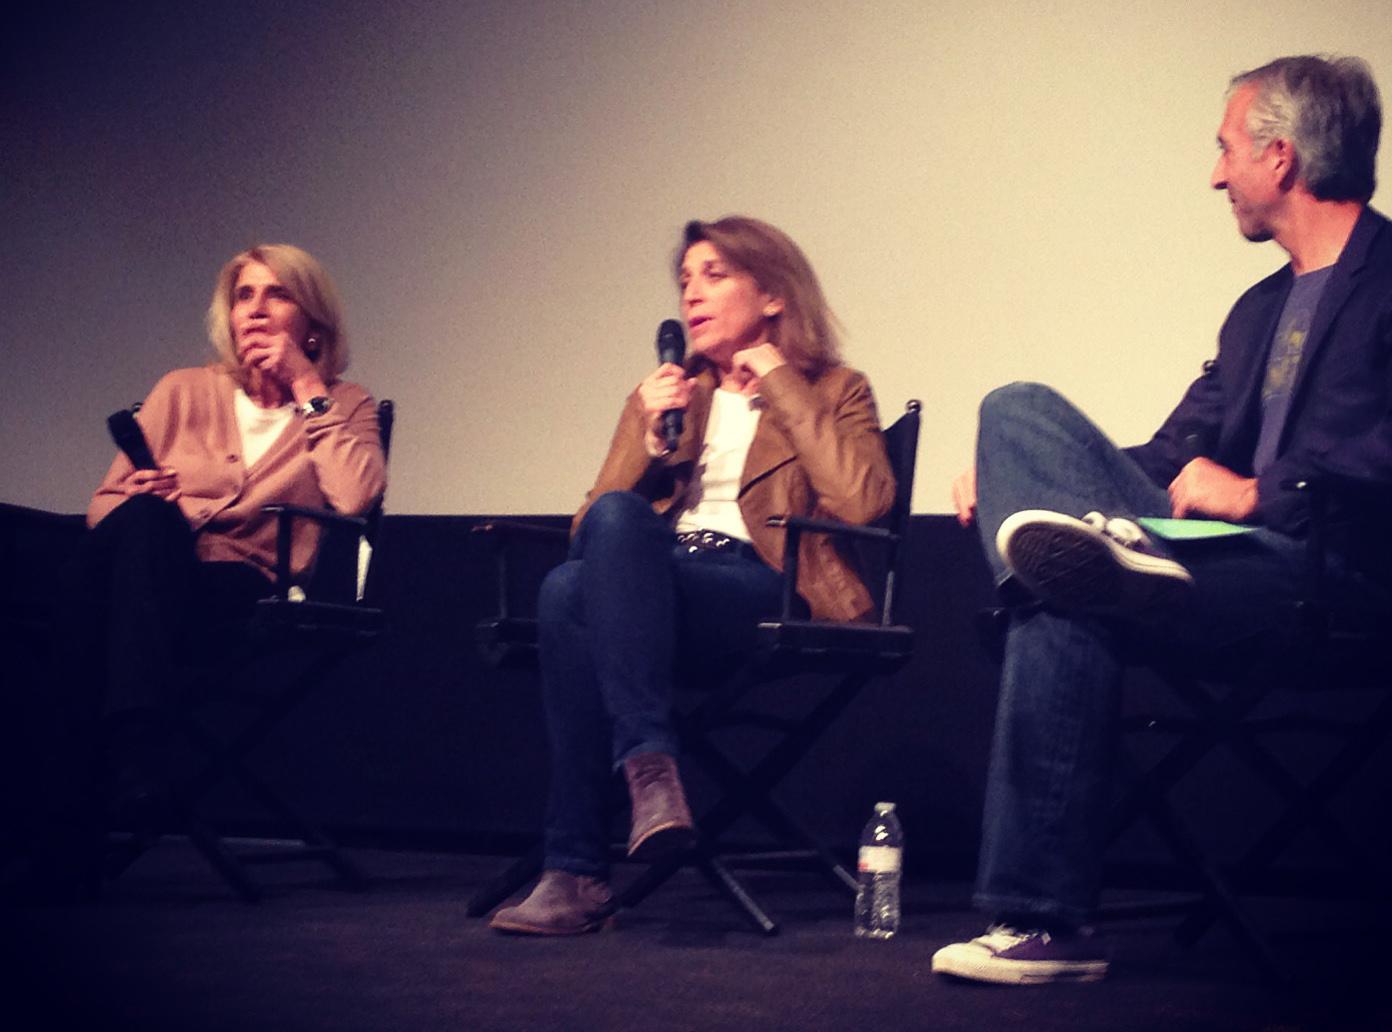 Mary Jo Markey, left, Maryann Brandon and Scott Manz of Access Hollywood. Photo by Mary De Chambres.